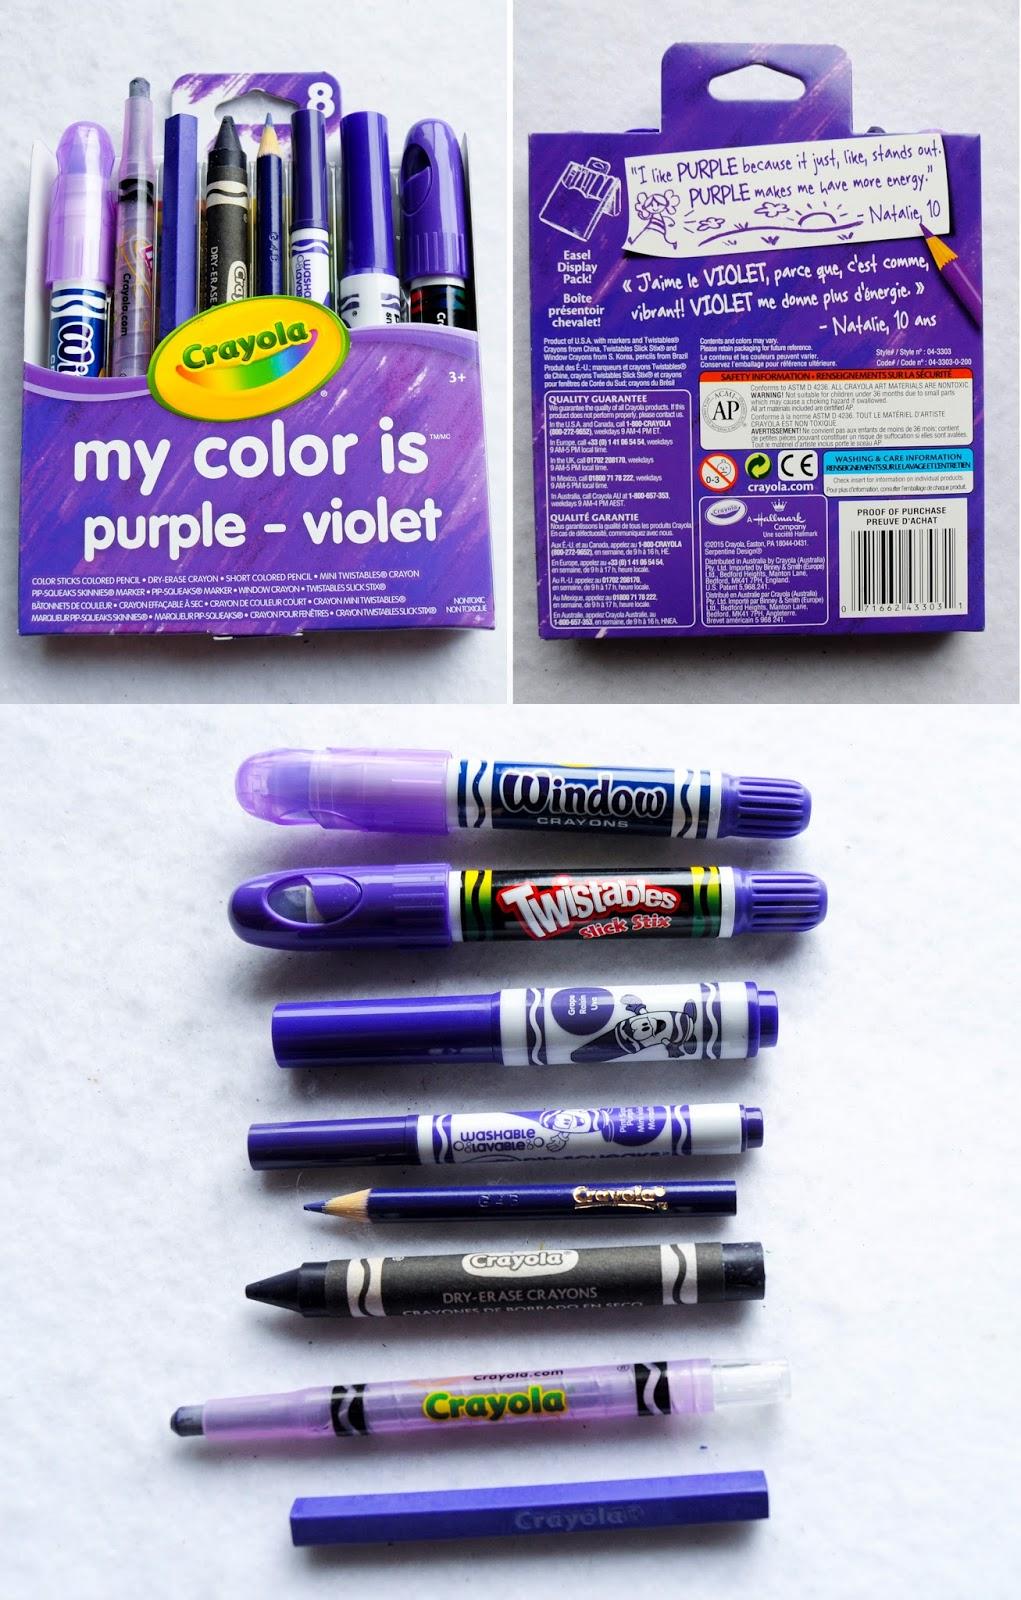 Purple Crayola Crayon Crayola My Colo...